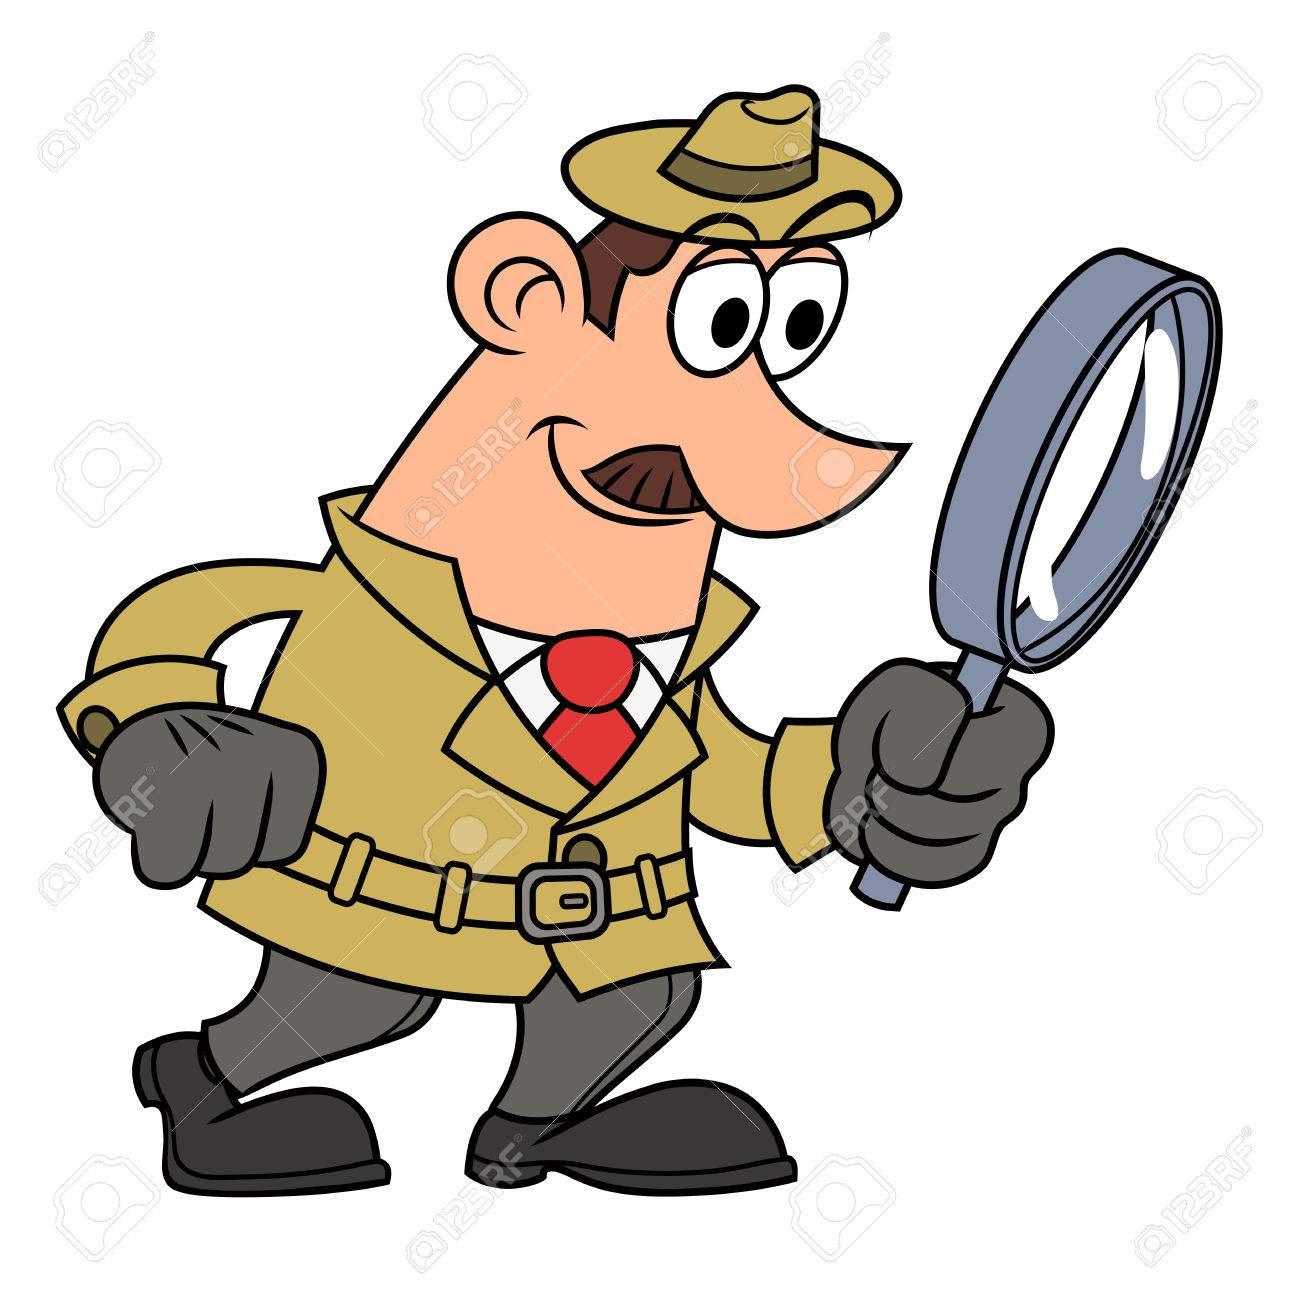 ルーペを通して見る探偵のイラスト。 ロイヤリティフリークリップアート